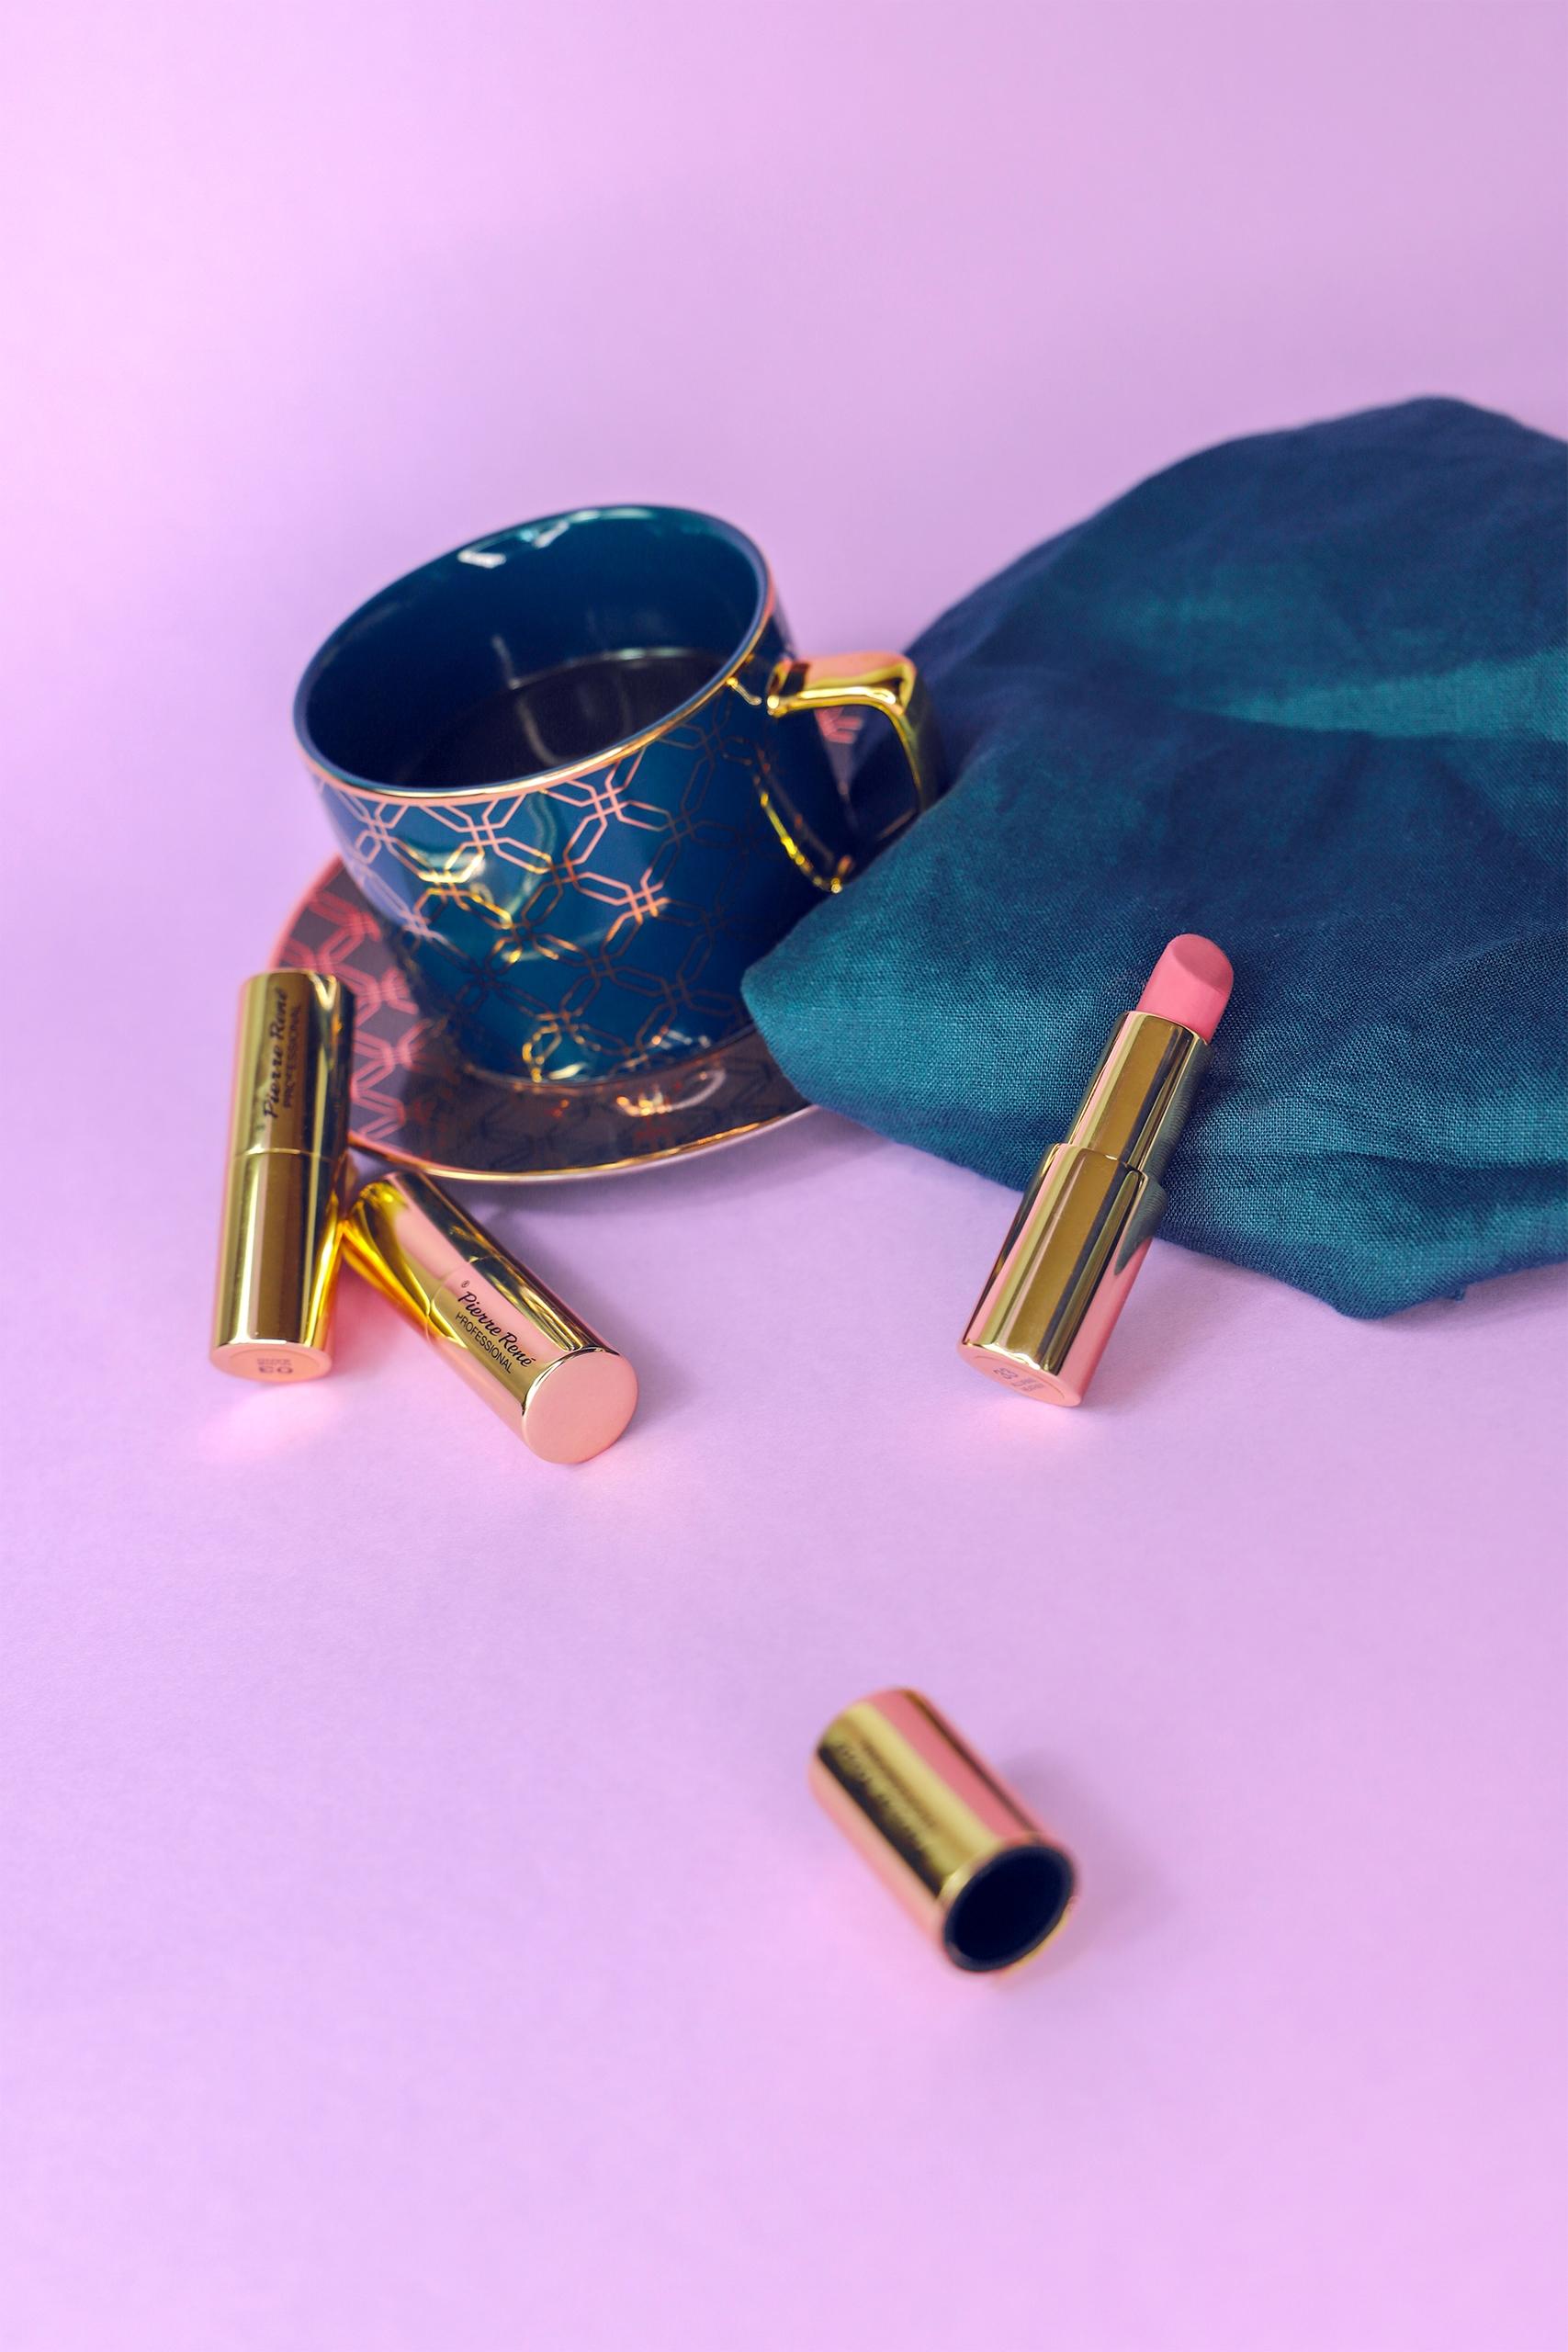 Zdjęcie przedstawia filiżankę, serwetę i złote pomadki na jasno-fioletowym tle.